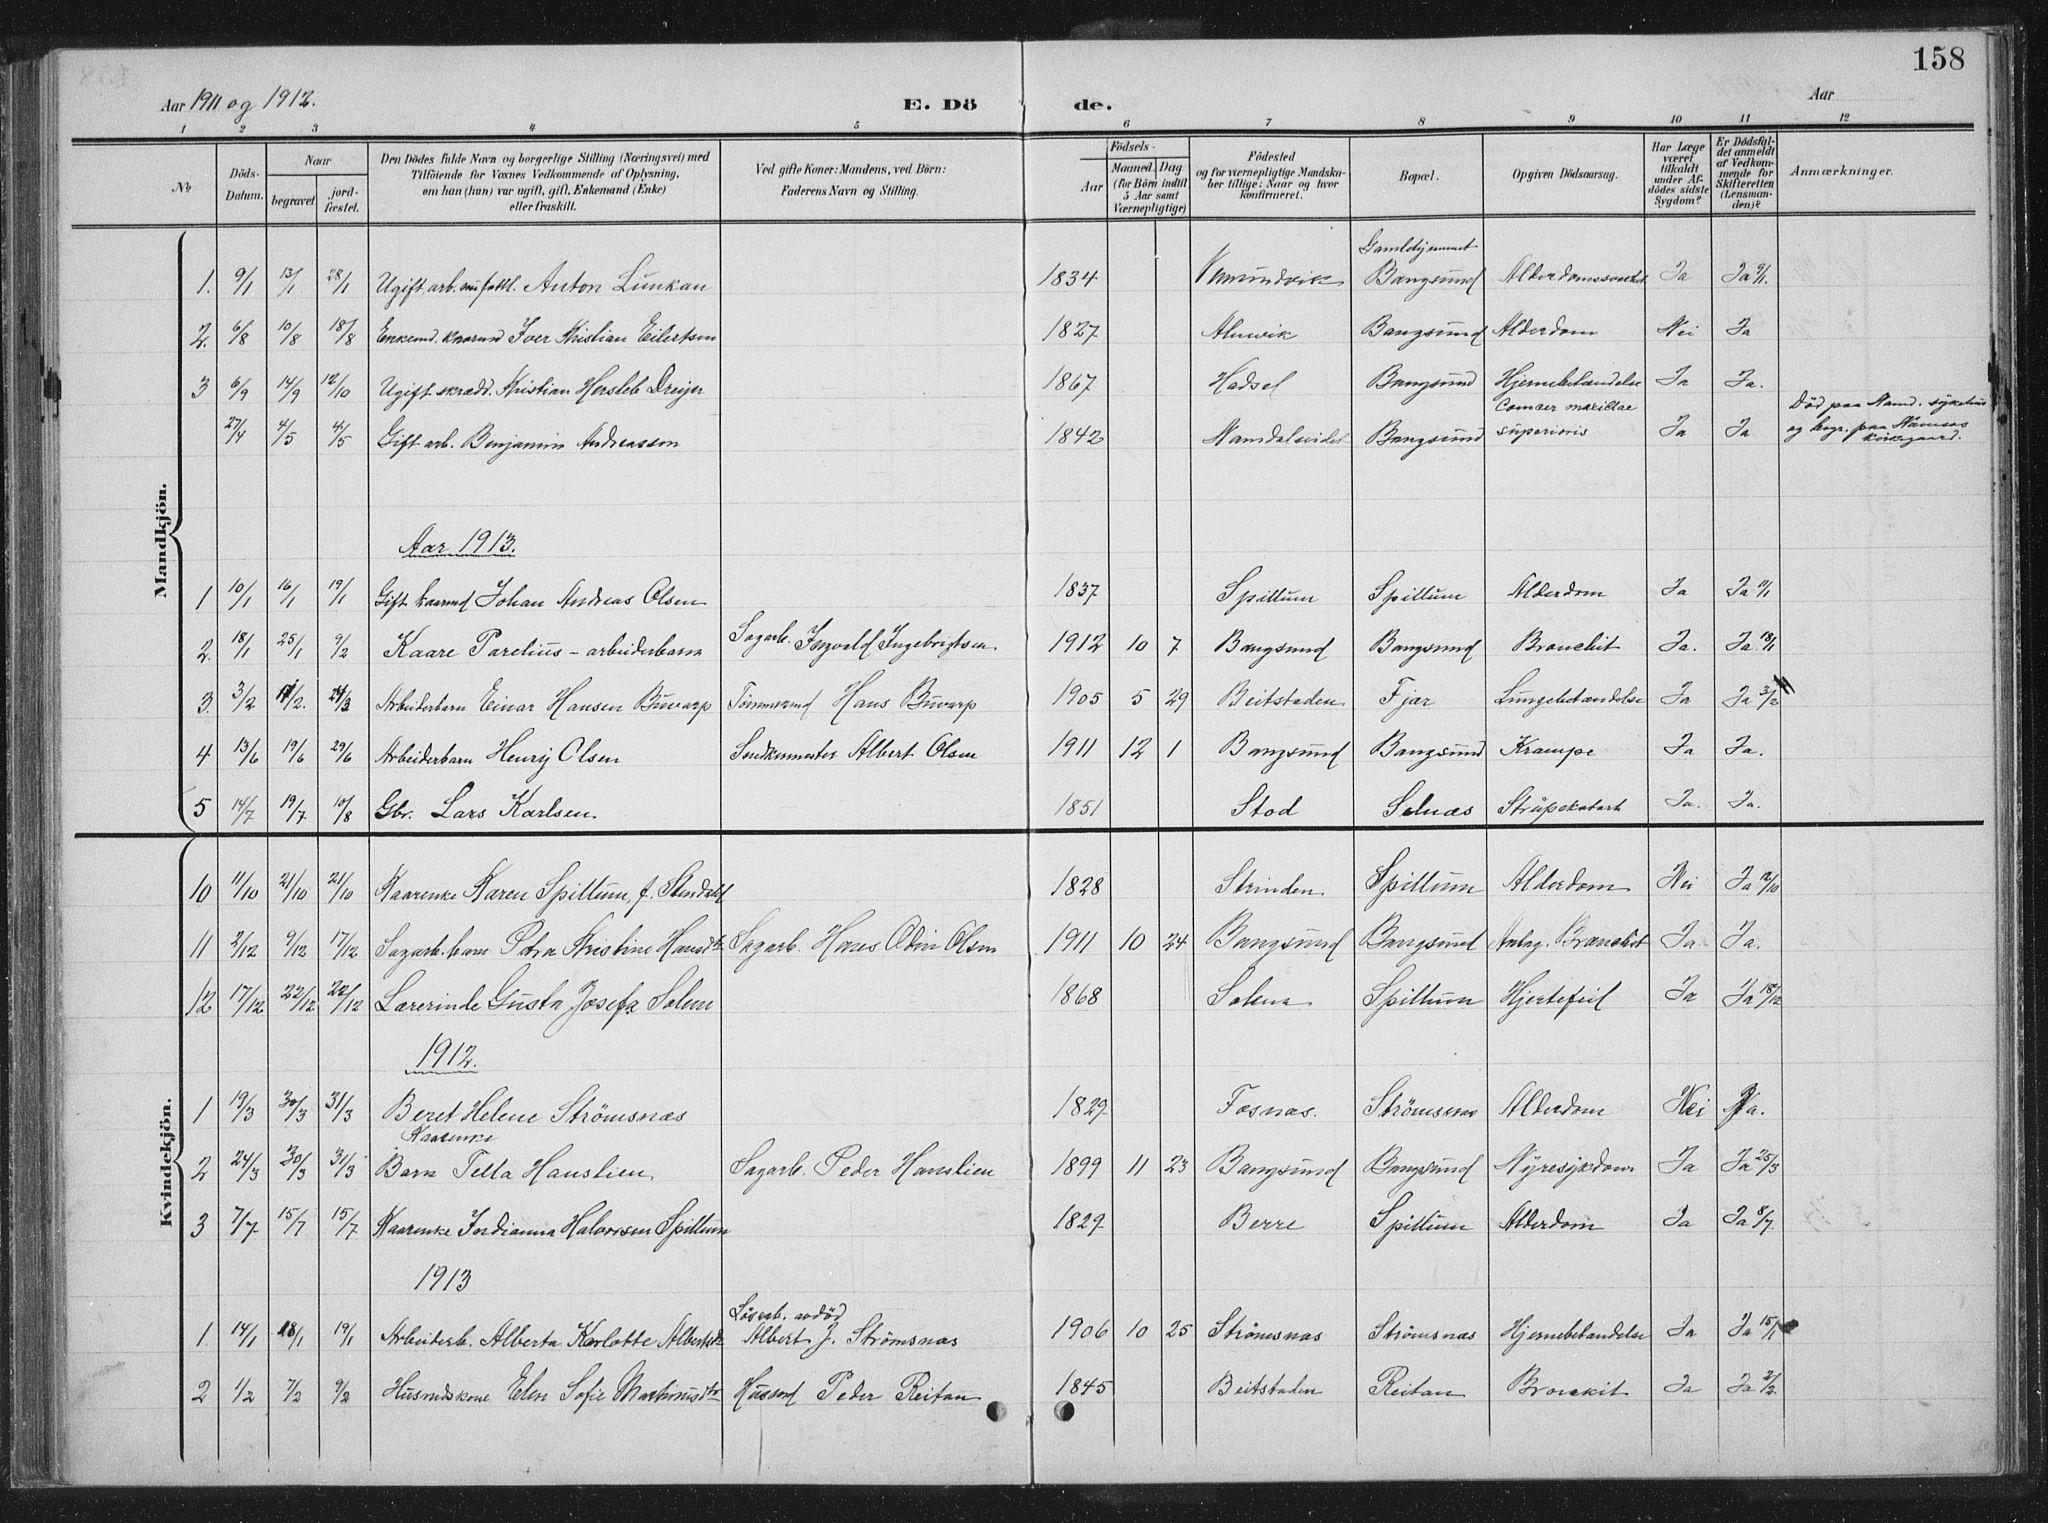 SAT, Ministerialprotokoller, klokkerbøker og fødselsregistre - Nord-Trøndelag, 770/L0591: Klokkerbok nr. 770C02, 1902-1940, s. 158